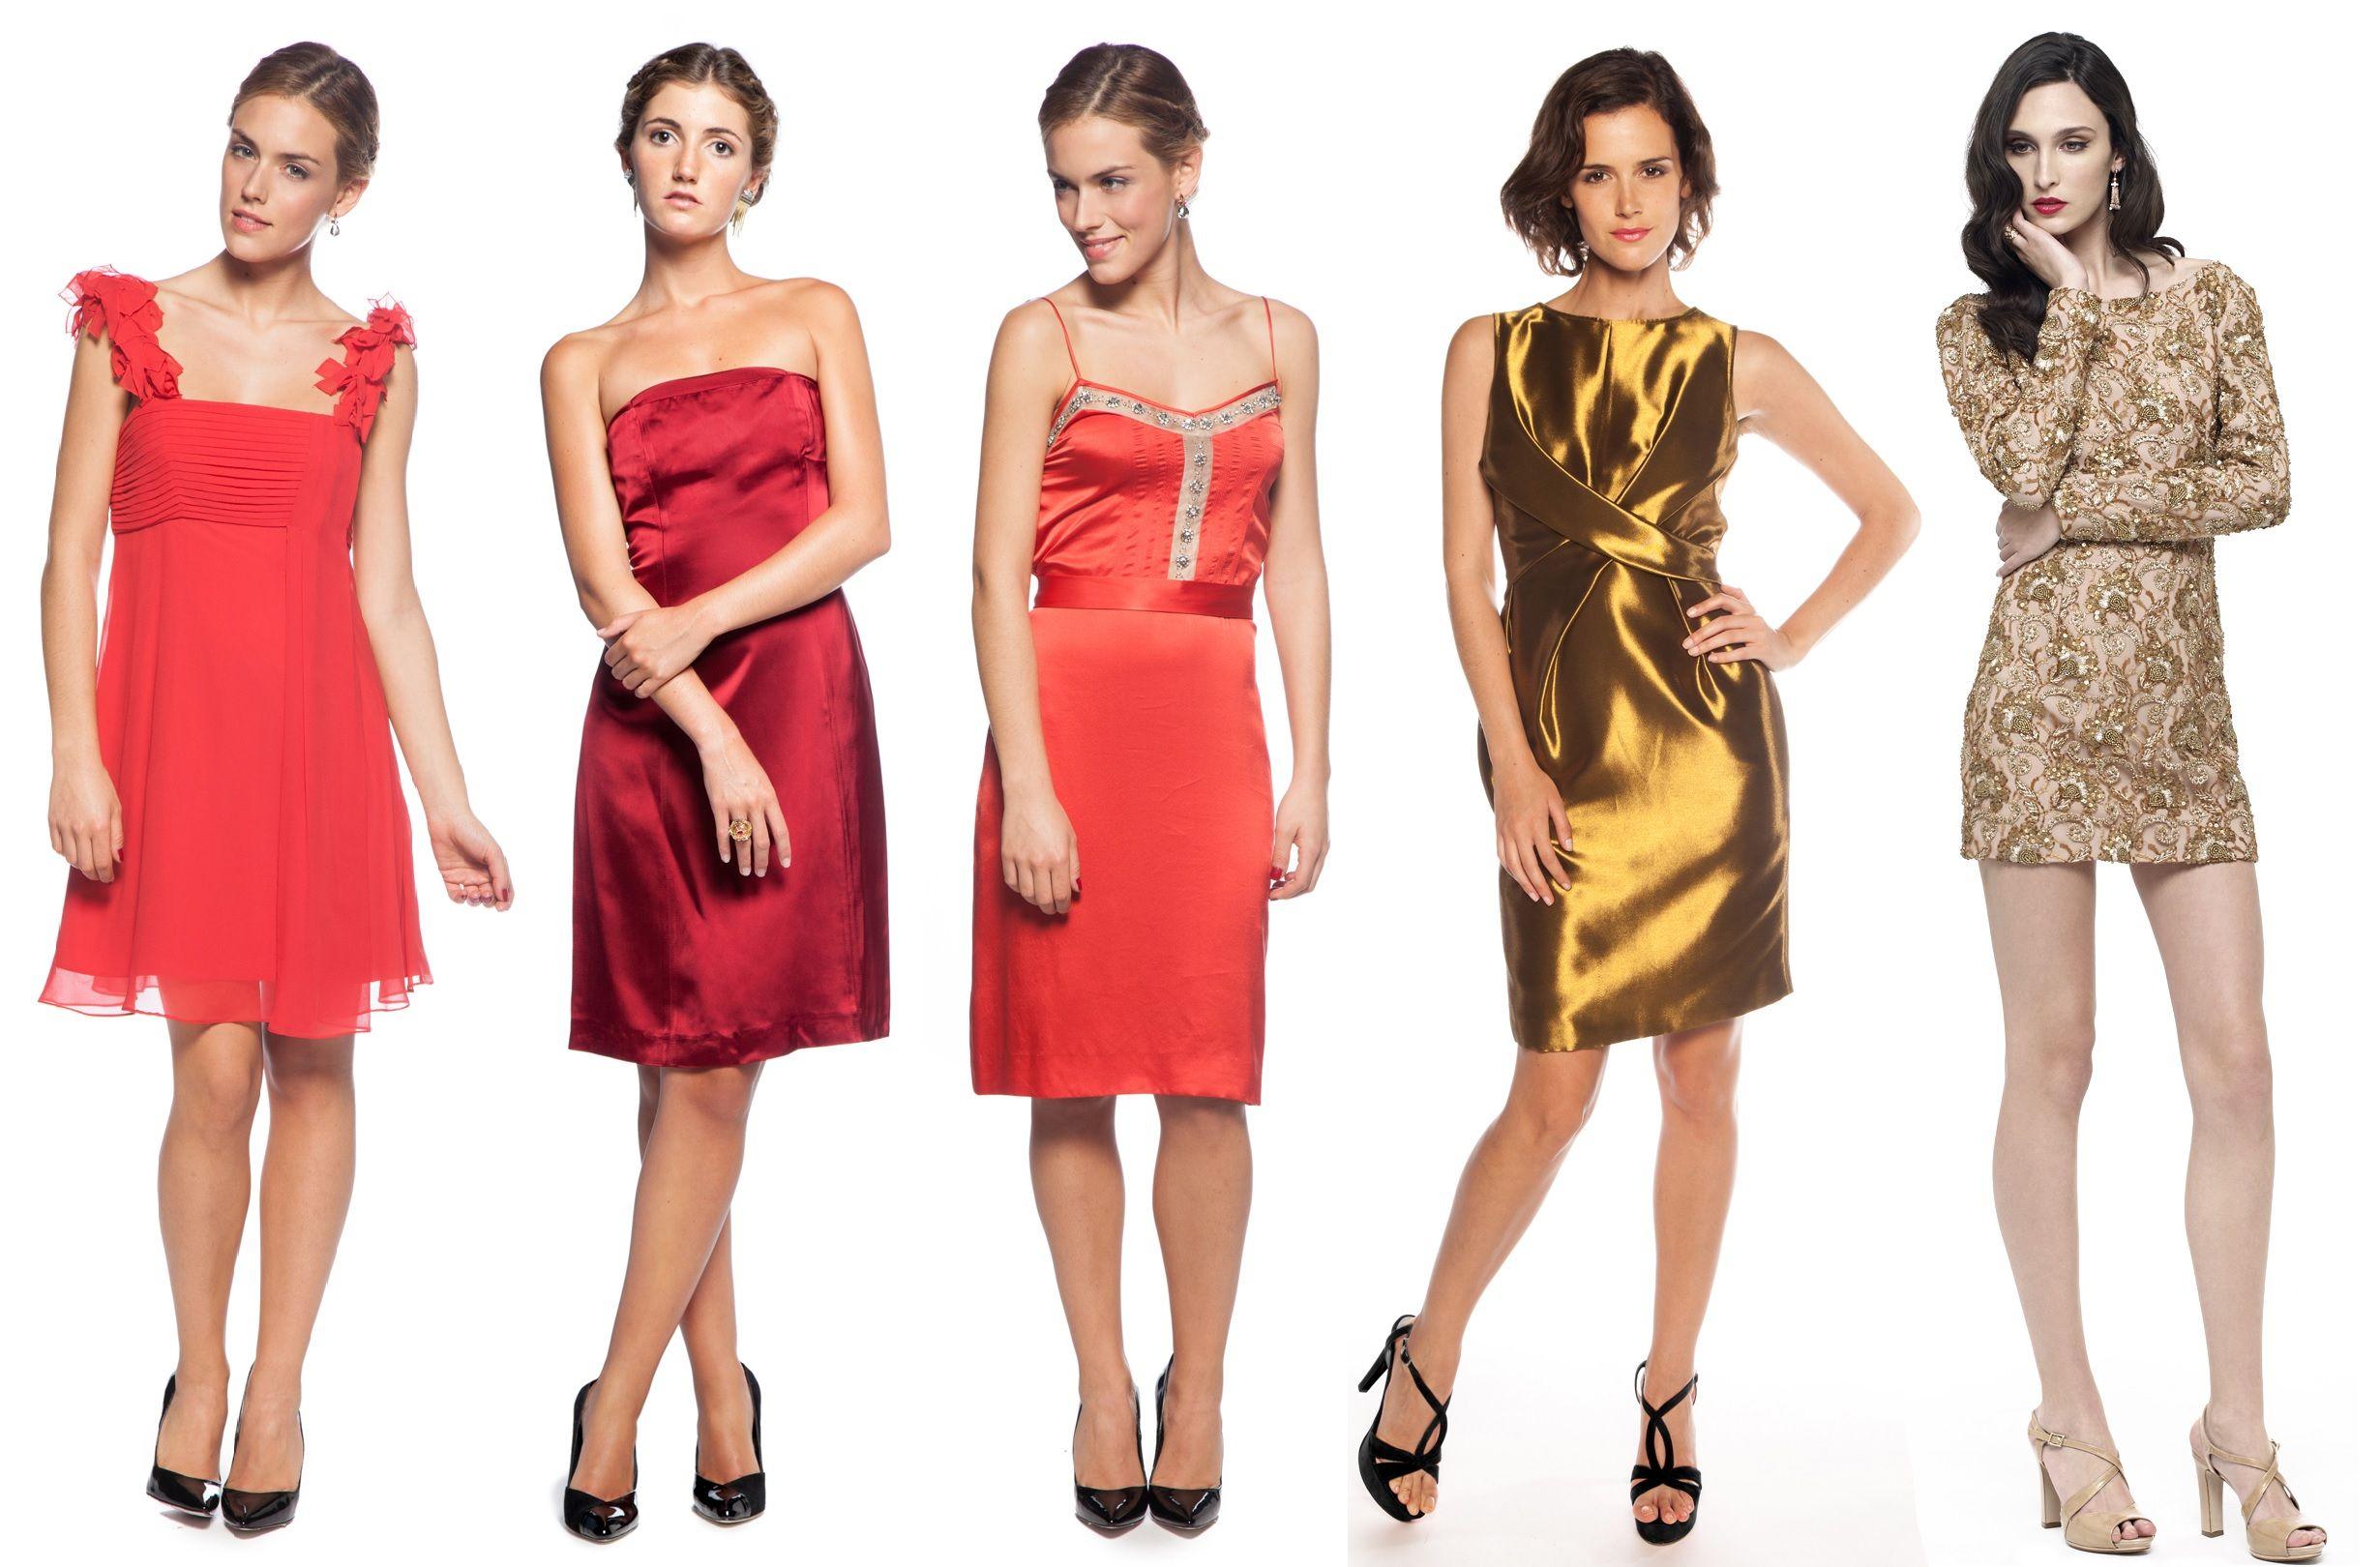 8a9daaf15 alquiler de vestidos cortos. vestido rojo y dorado. www.lamasmona ...